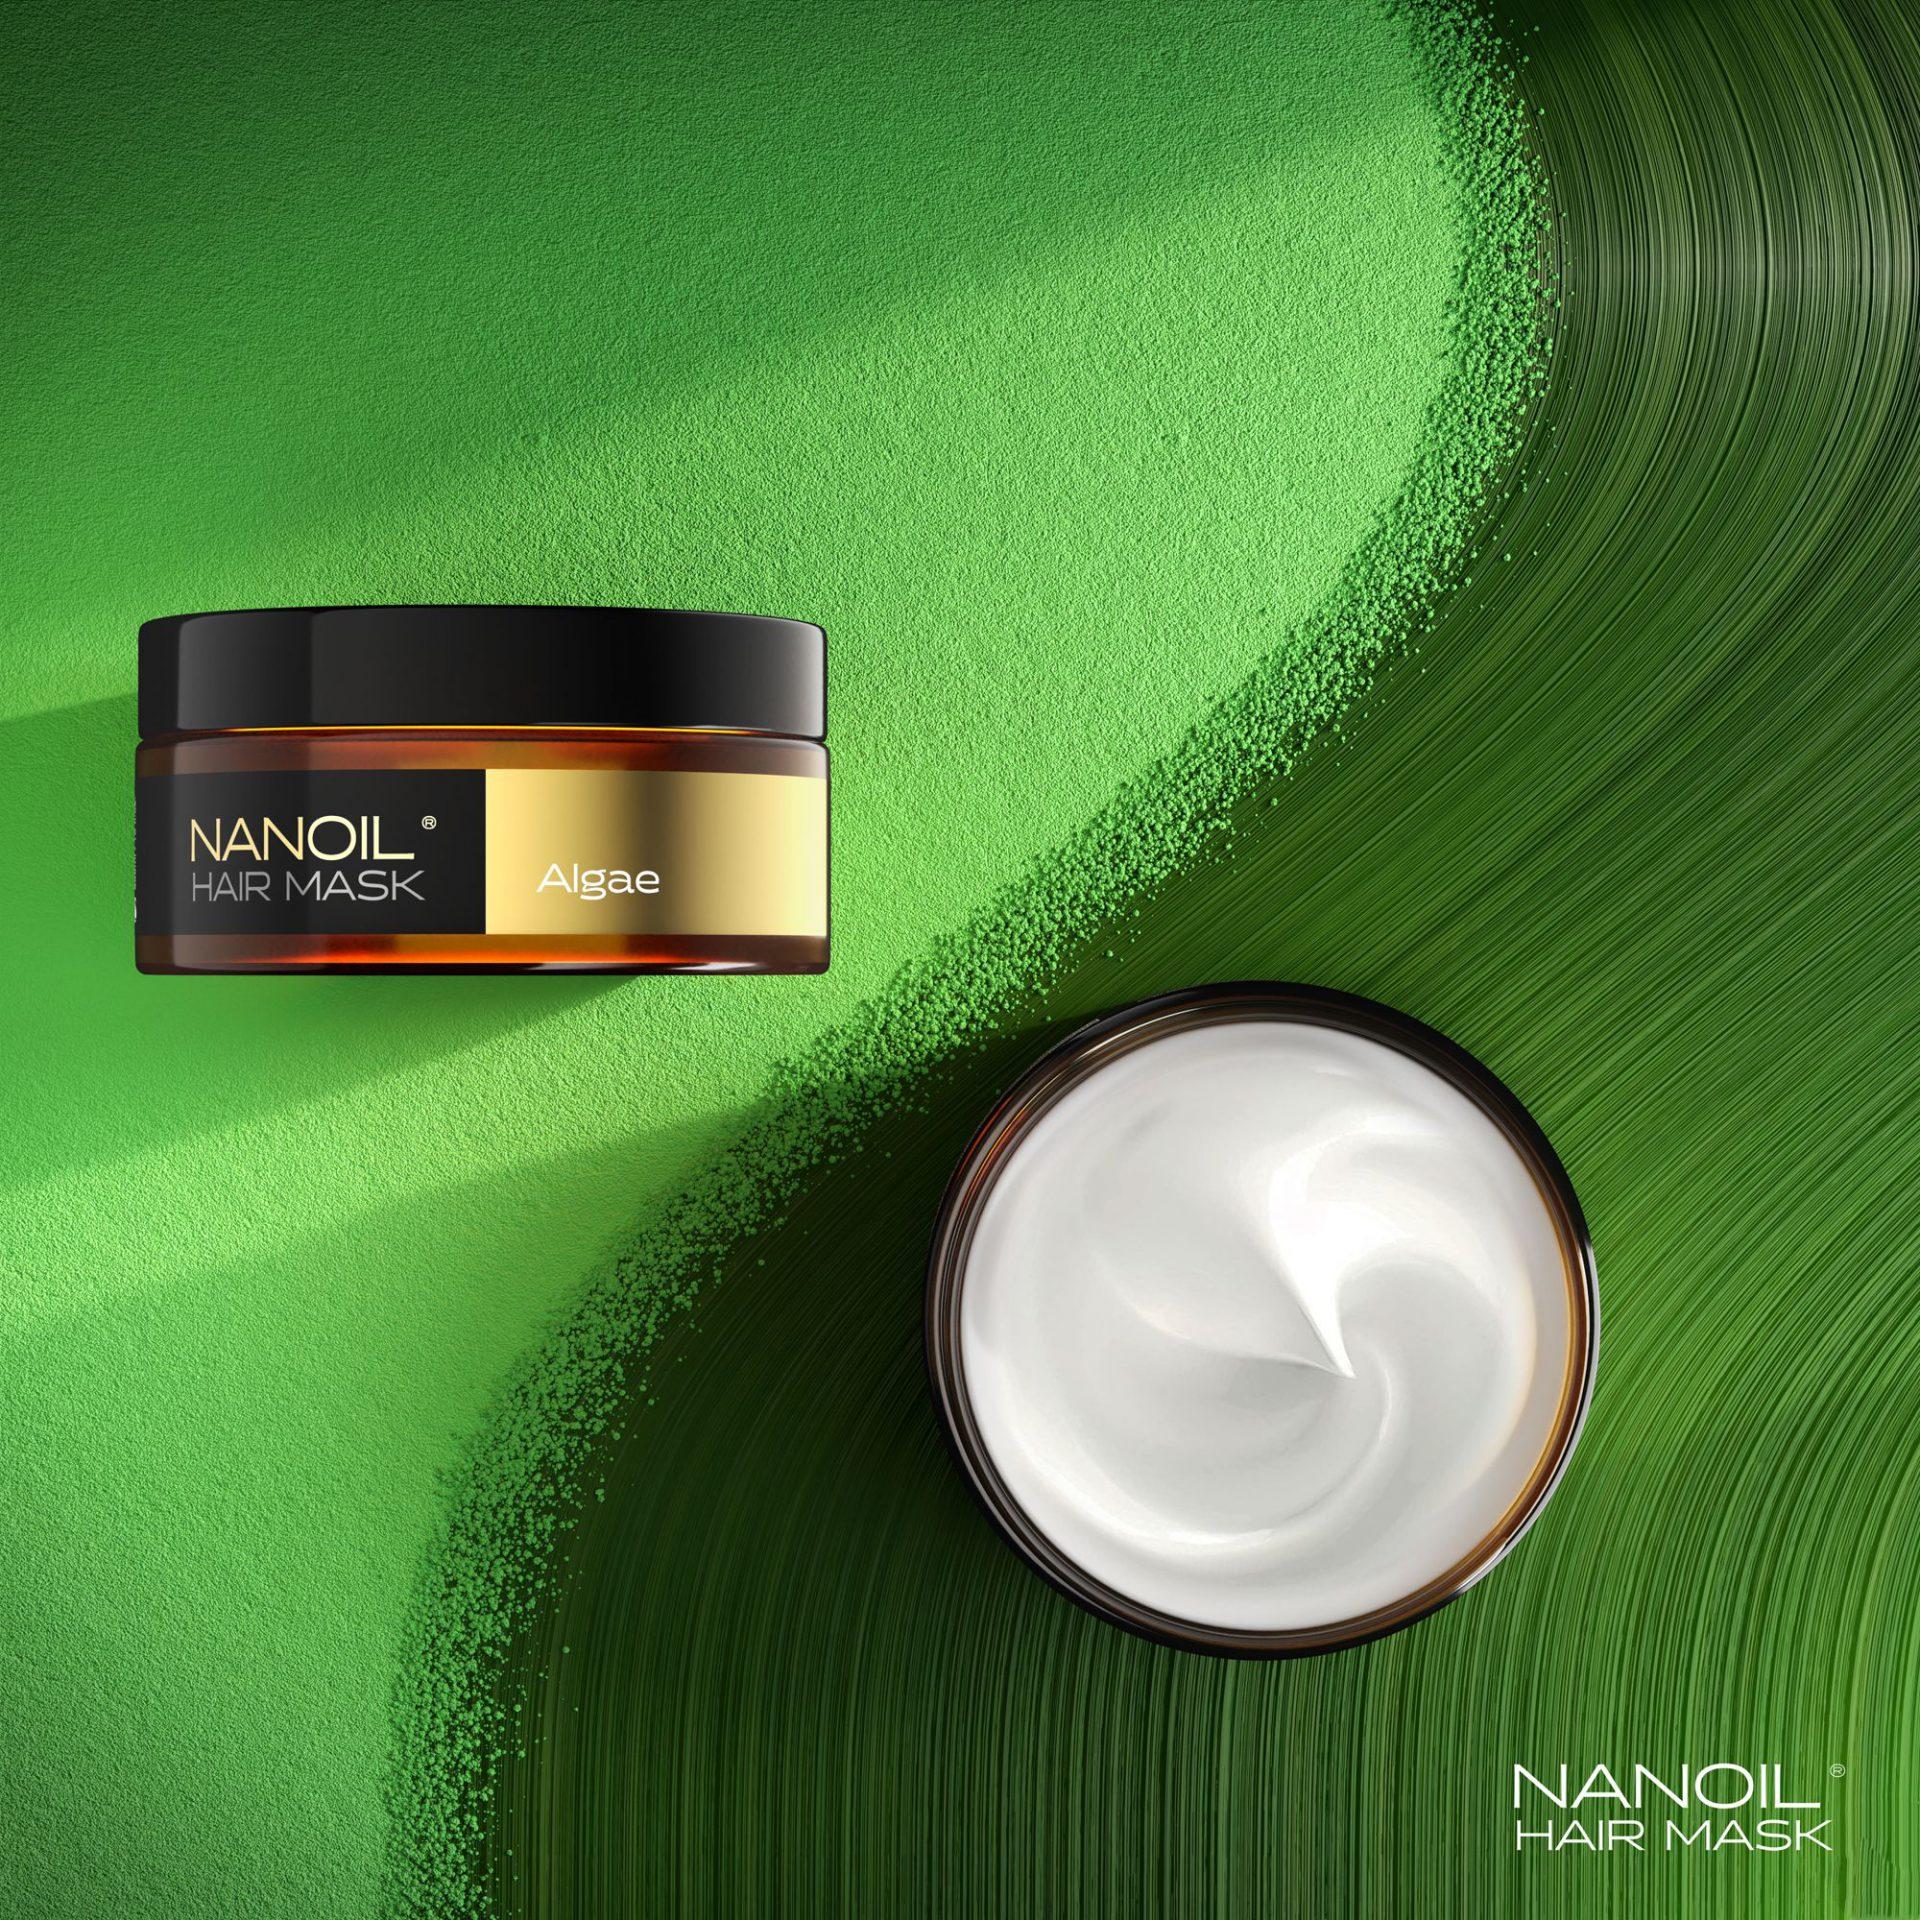 Testuję algi na włosy – maska Nanoil Nanoil Algae Hair Mask – jestem na tak, czy na nie?